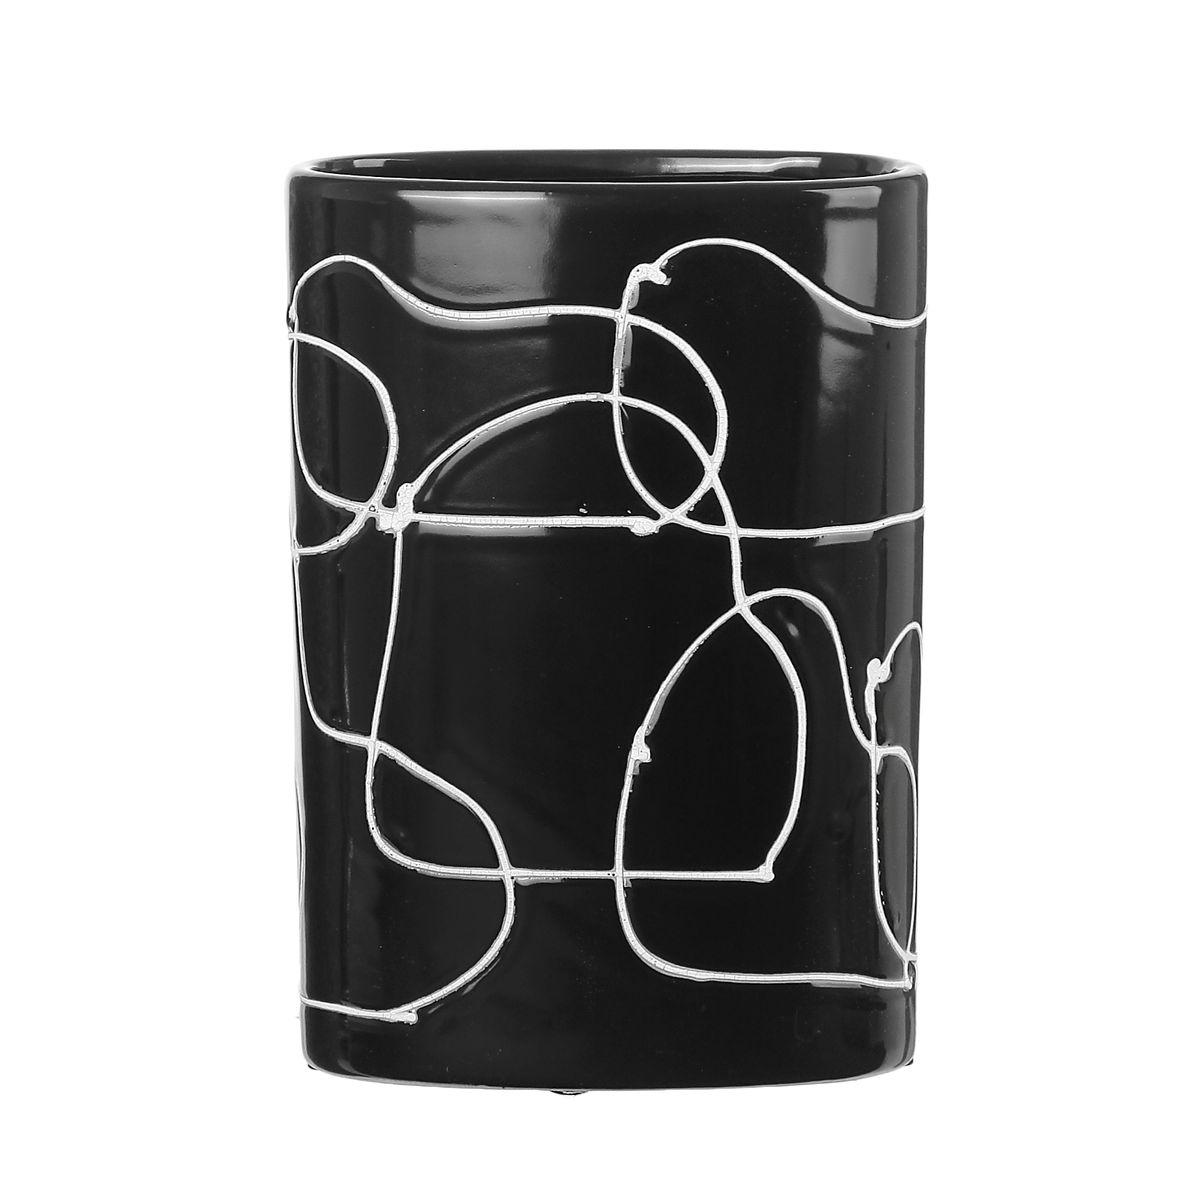 Ваза Sima-land Полоски, высота 21 см503514Ваза Sima-land Полоски изготовлена из высококачественной керамики.Строгая форма и стильная хаотичность волнообразного декора не позволят интерьеру бытьскучным. Аксессуар с расширенным горлышком вместит в себя достаточно пышный букет.Болеетого, в вазе с интересной текстурой превосходно будут смотреться декоративные веточки исухоцветы.Любое помещение выглядит незавершенным без правильно расположенных предметовинтерьера. Они помогают создать уют, расставить акценты, подчеркнуть достоинства или скрытьнедостатки.